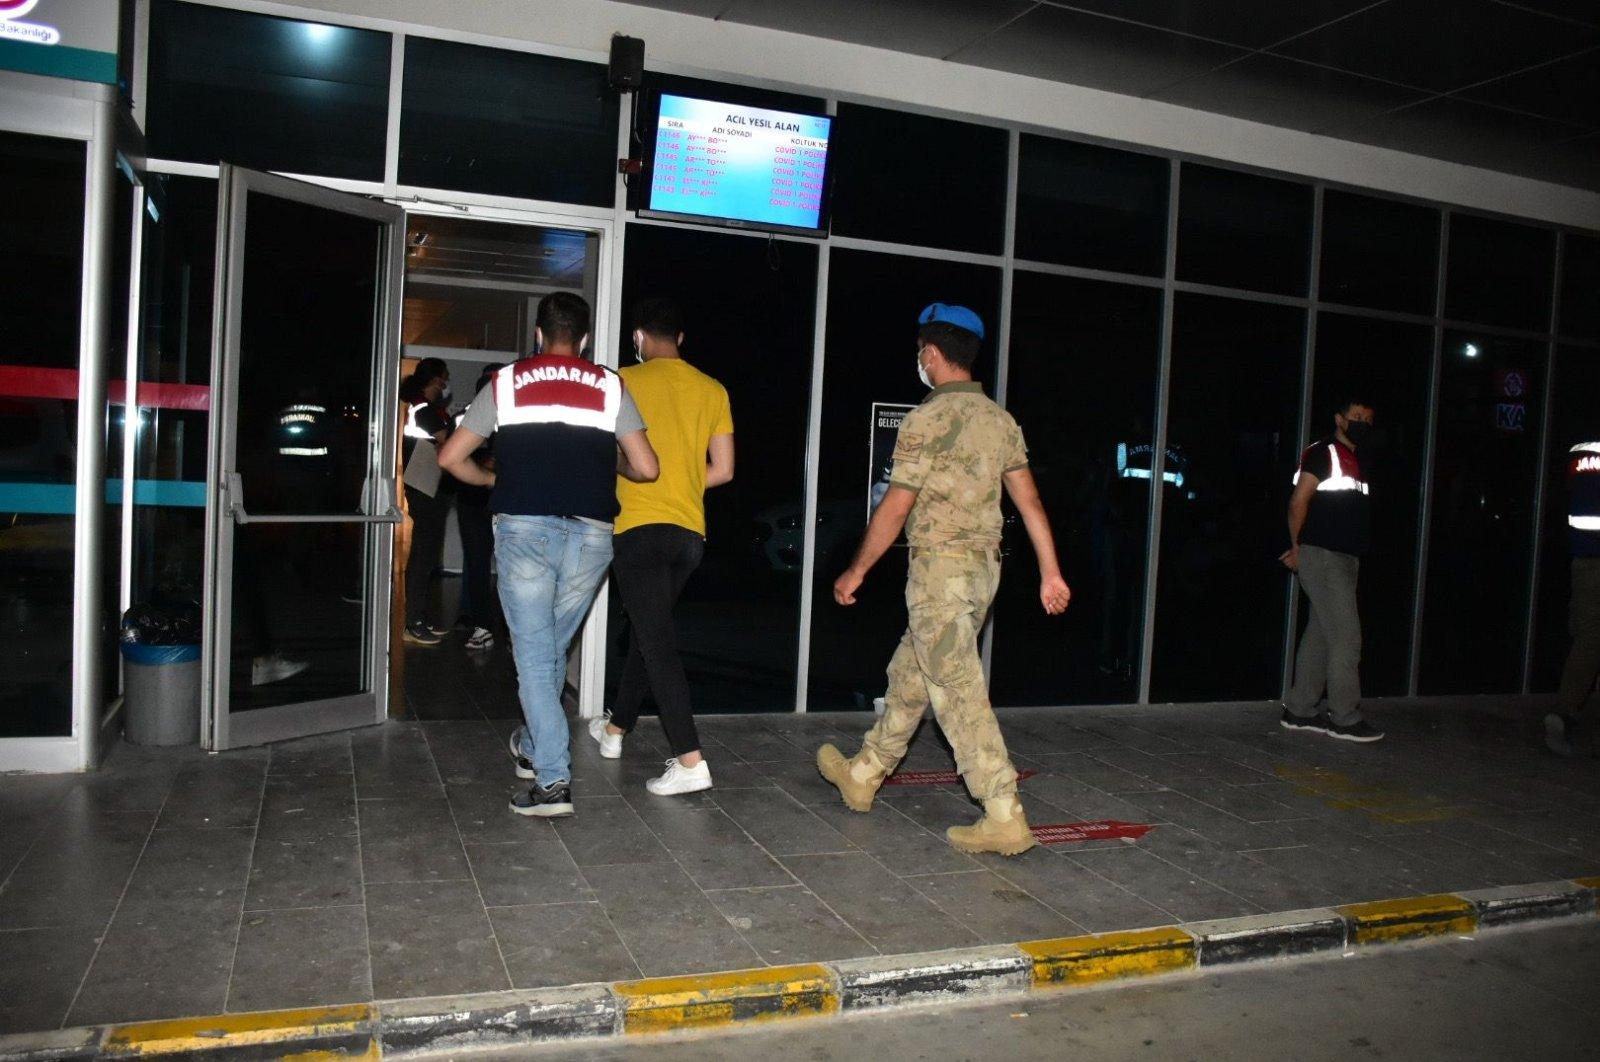 Gendarmerie officers escort a FETÖ suspect, in Izmir, western Turkey, July 12, 2021. (DHA PHOTO)